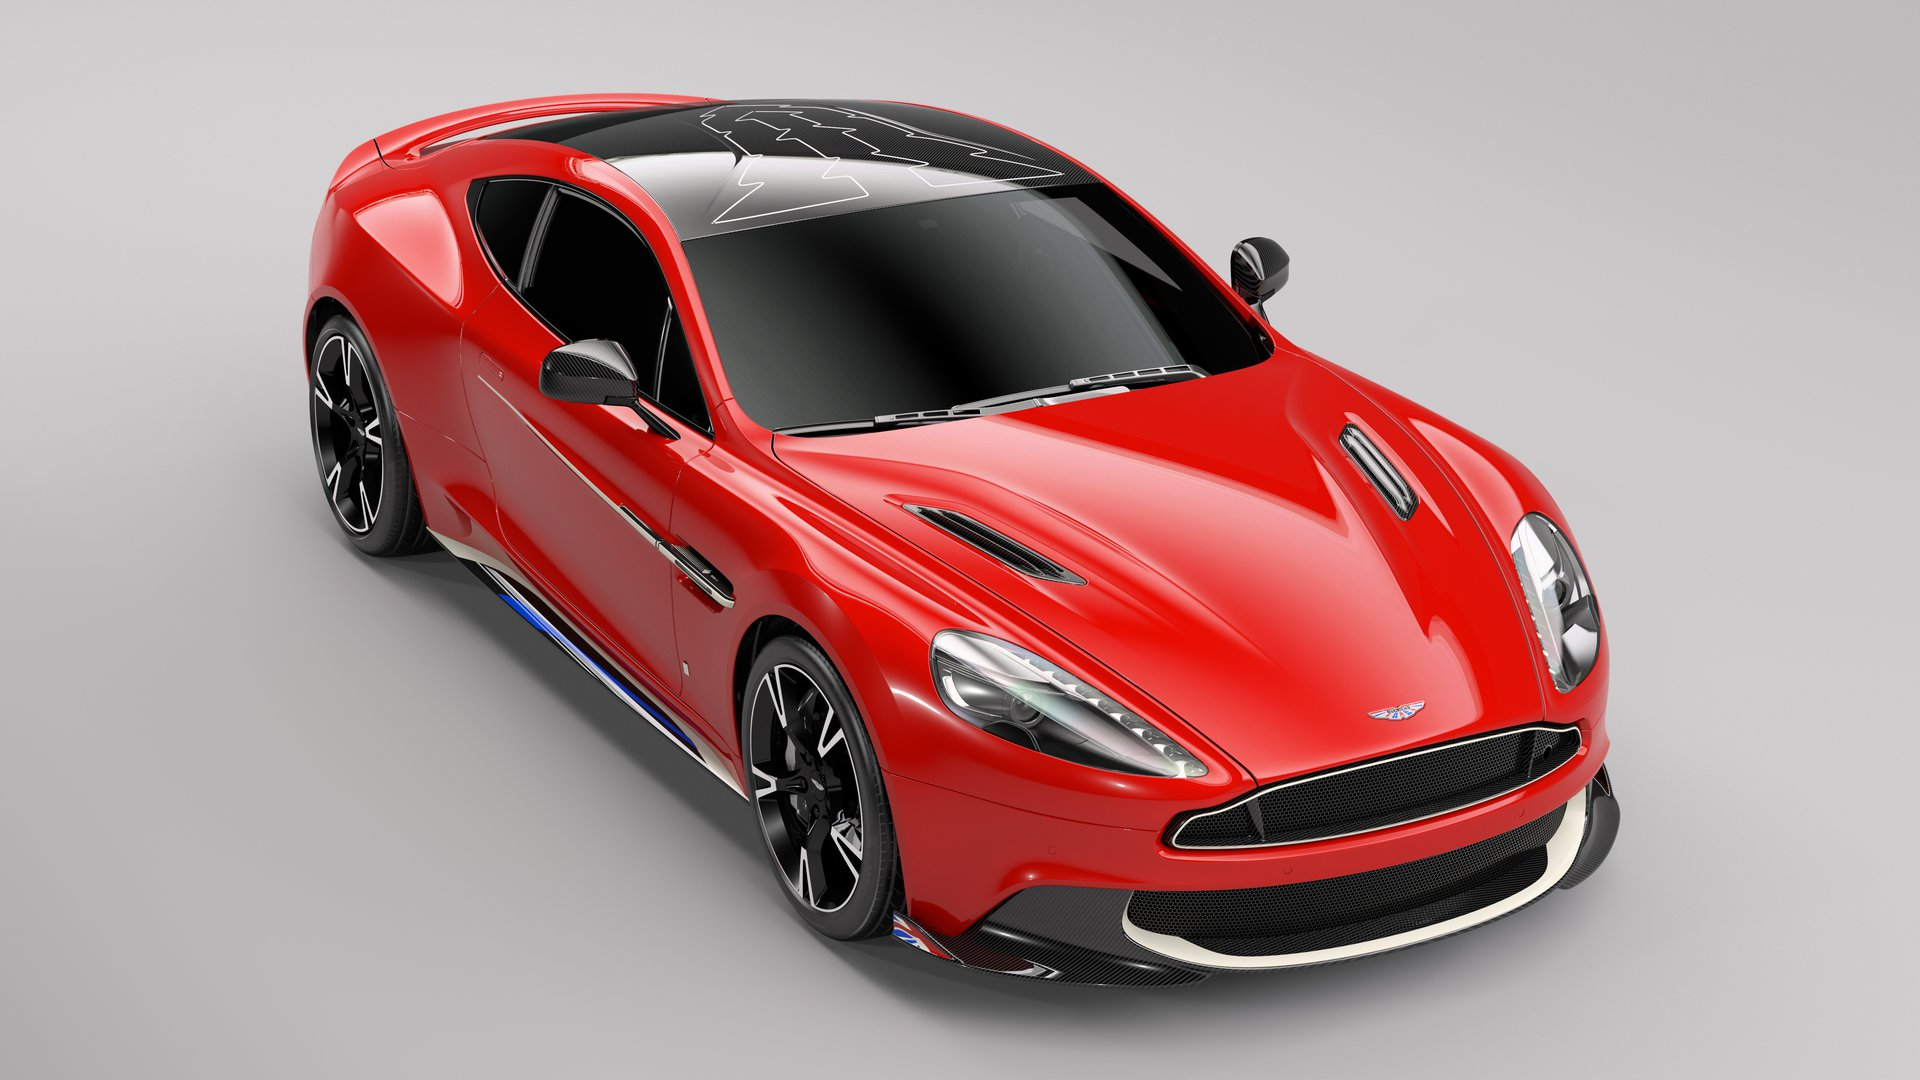 Aston Martin Vanquish S ki spominja na znamenite rdeče puščice